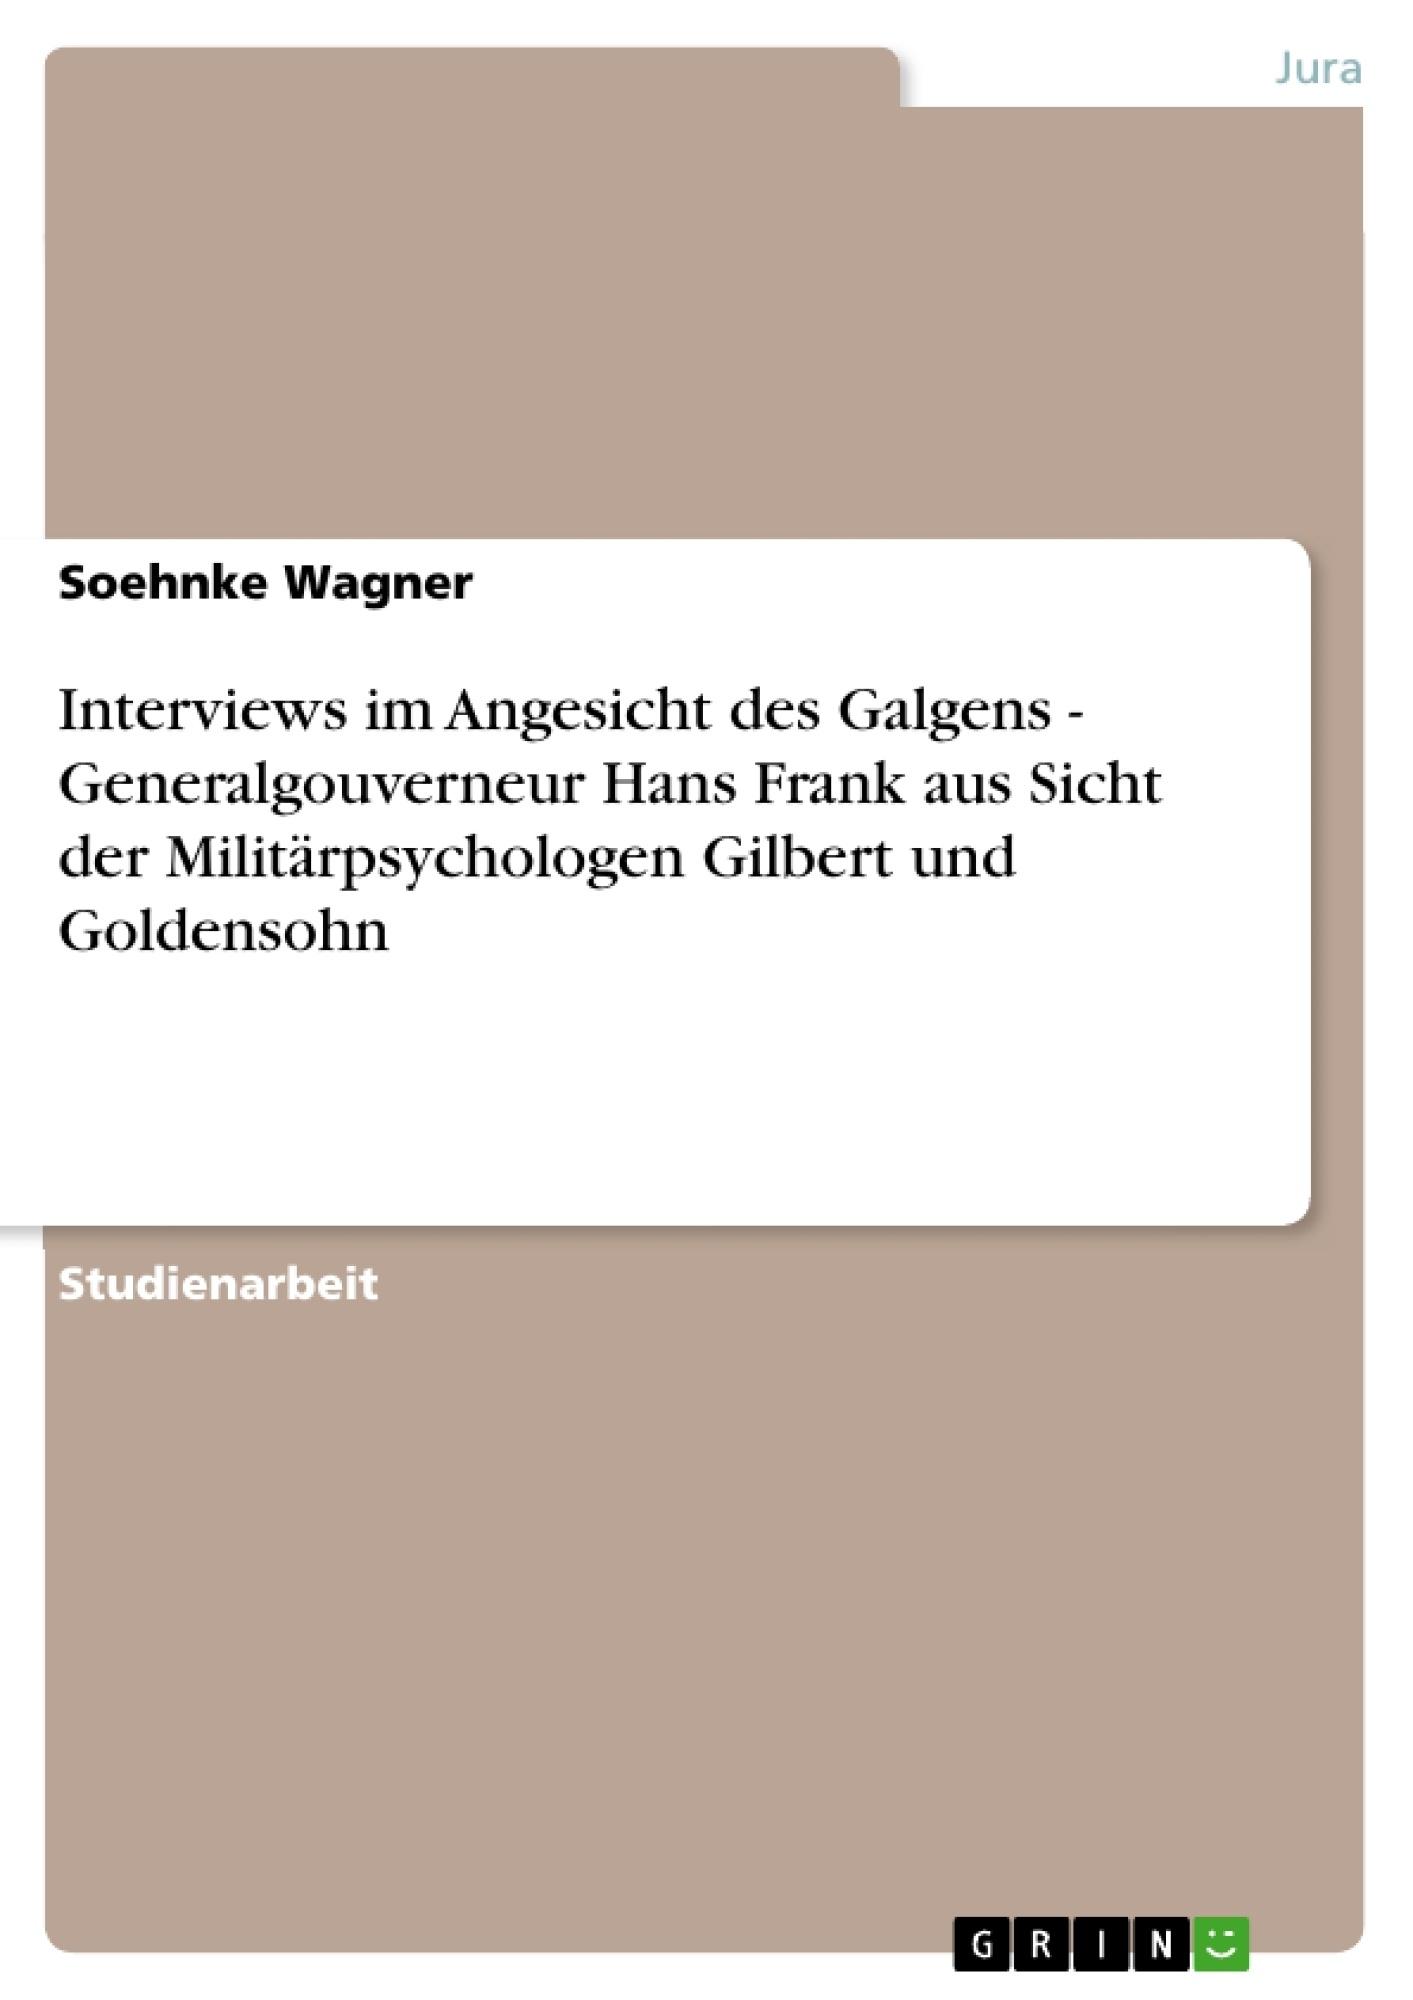 Titel: Interviews im Angesicht des Galgens - Generalgouverneur Hans Frank aus Sicht der Militärpsychologen Gilbert und Goldensohn